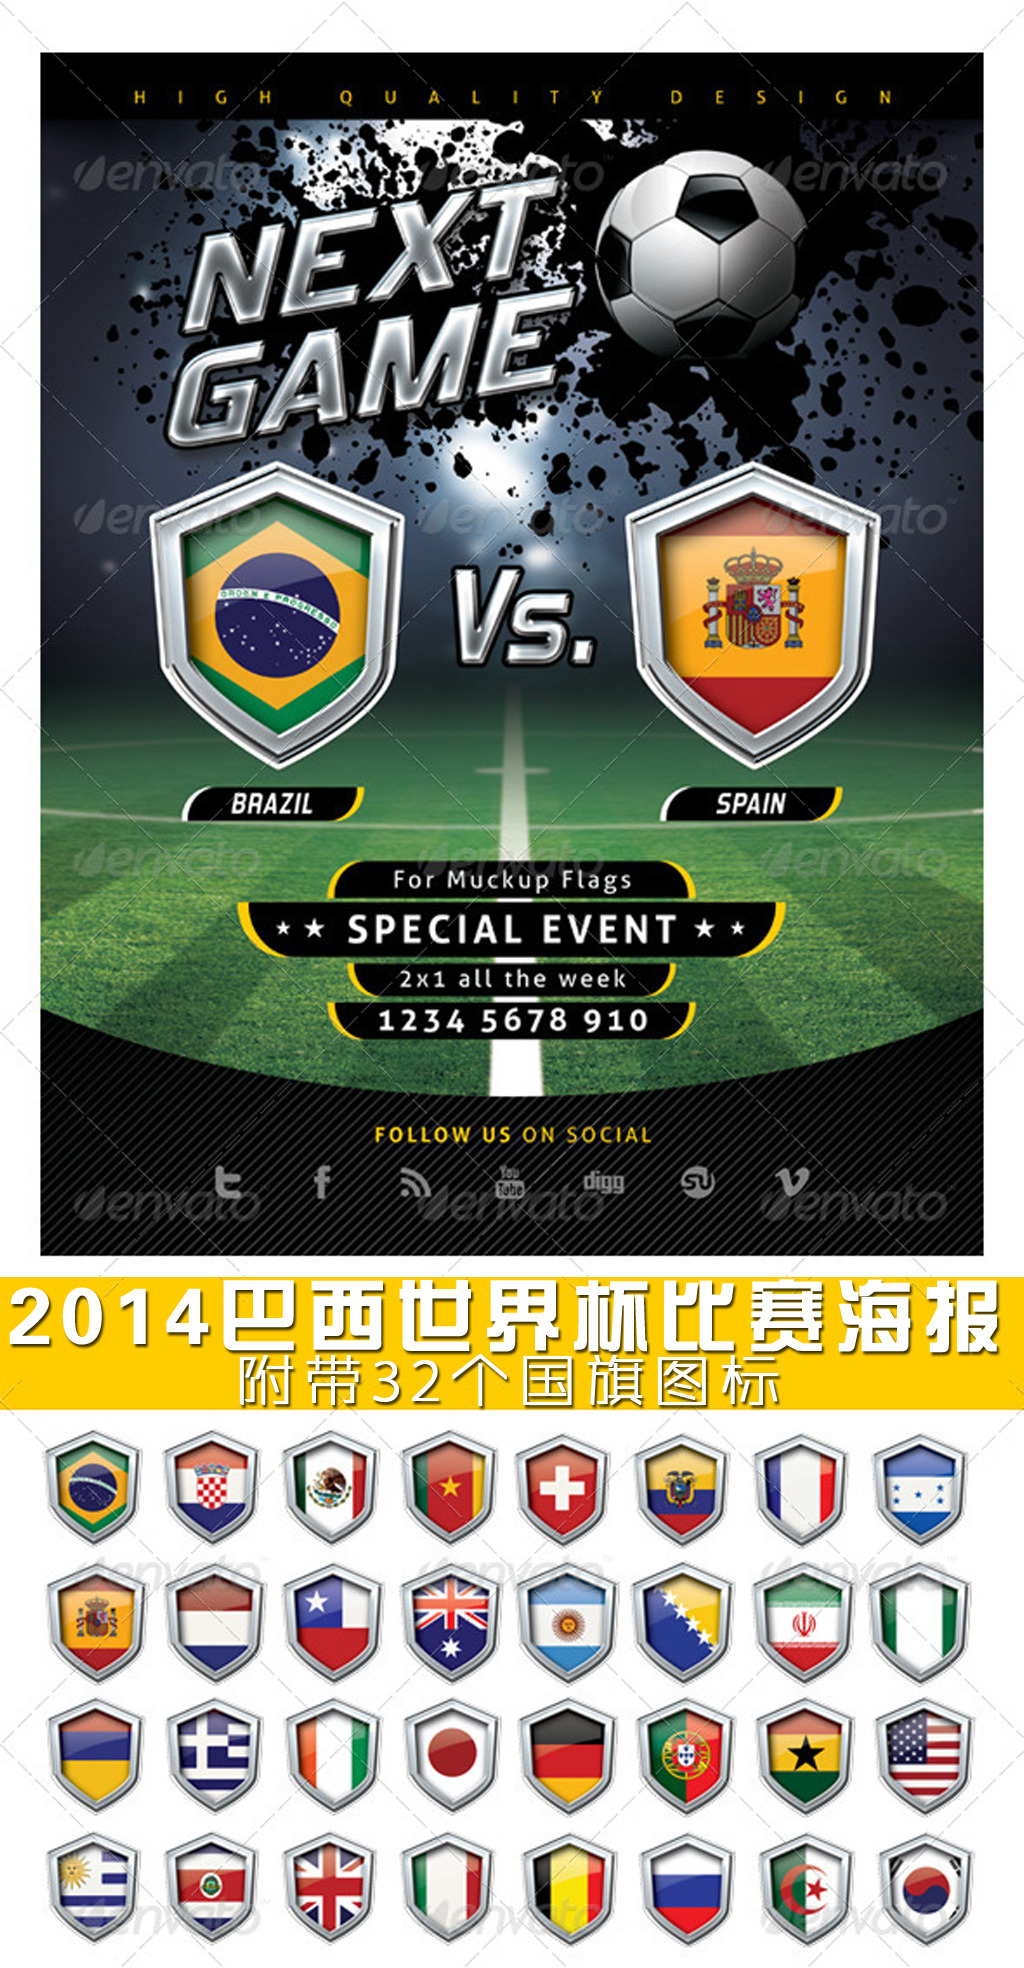 2014世界杯足球比赛宣传海报模板下载